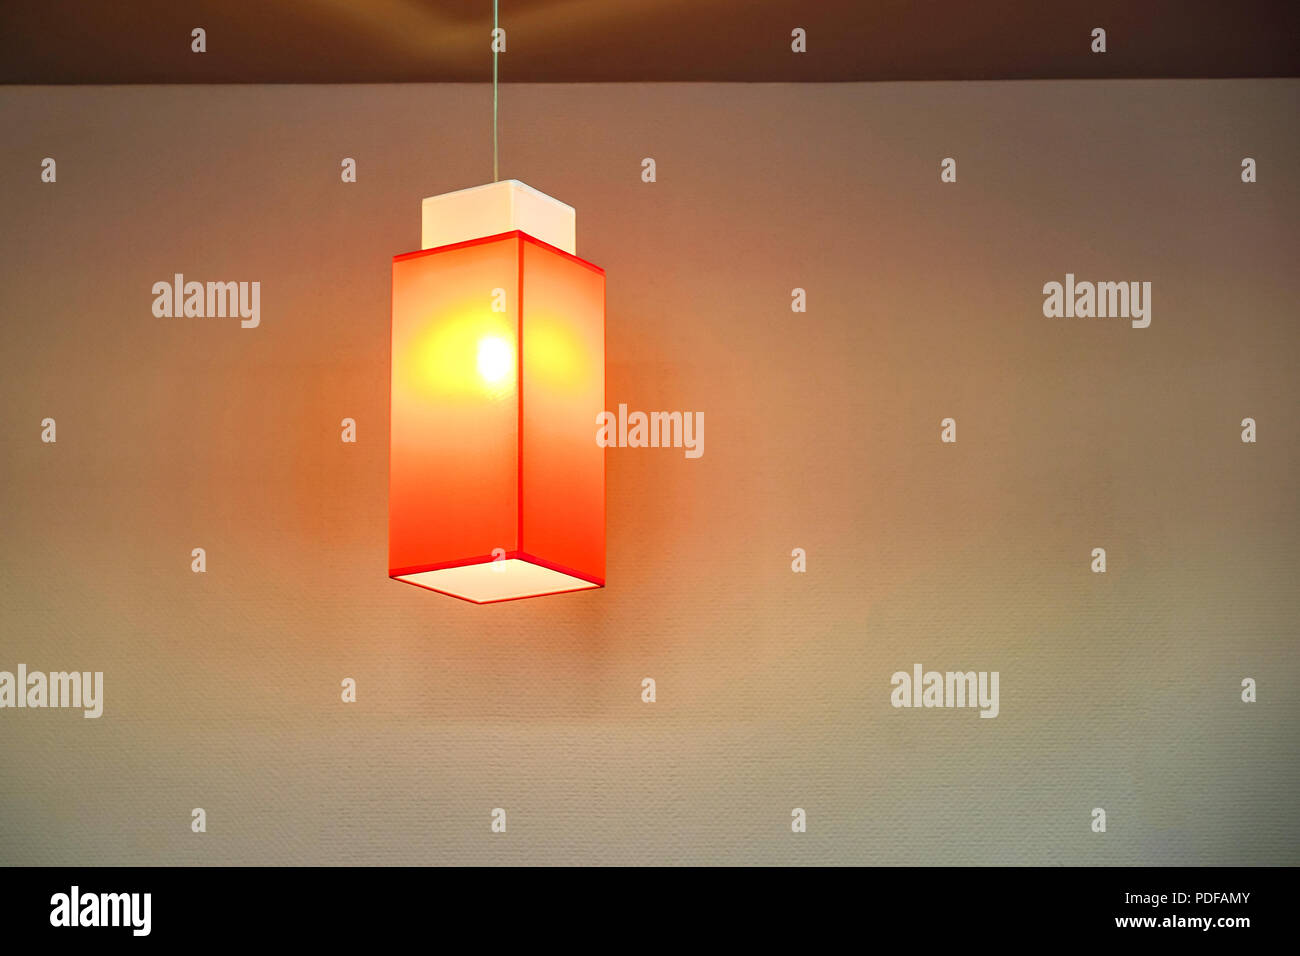 Weiss Lampenschirm In Schwarz Kafig Stoff Lampenschirm Auf Kassette